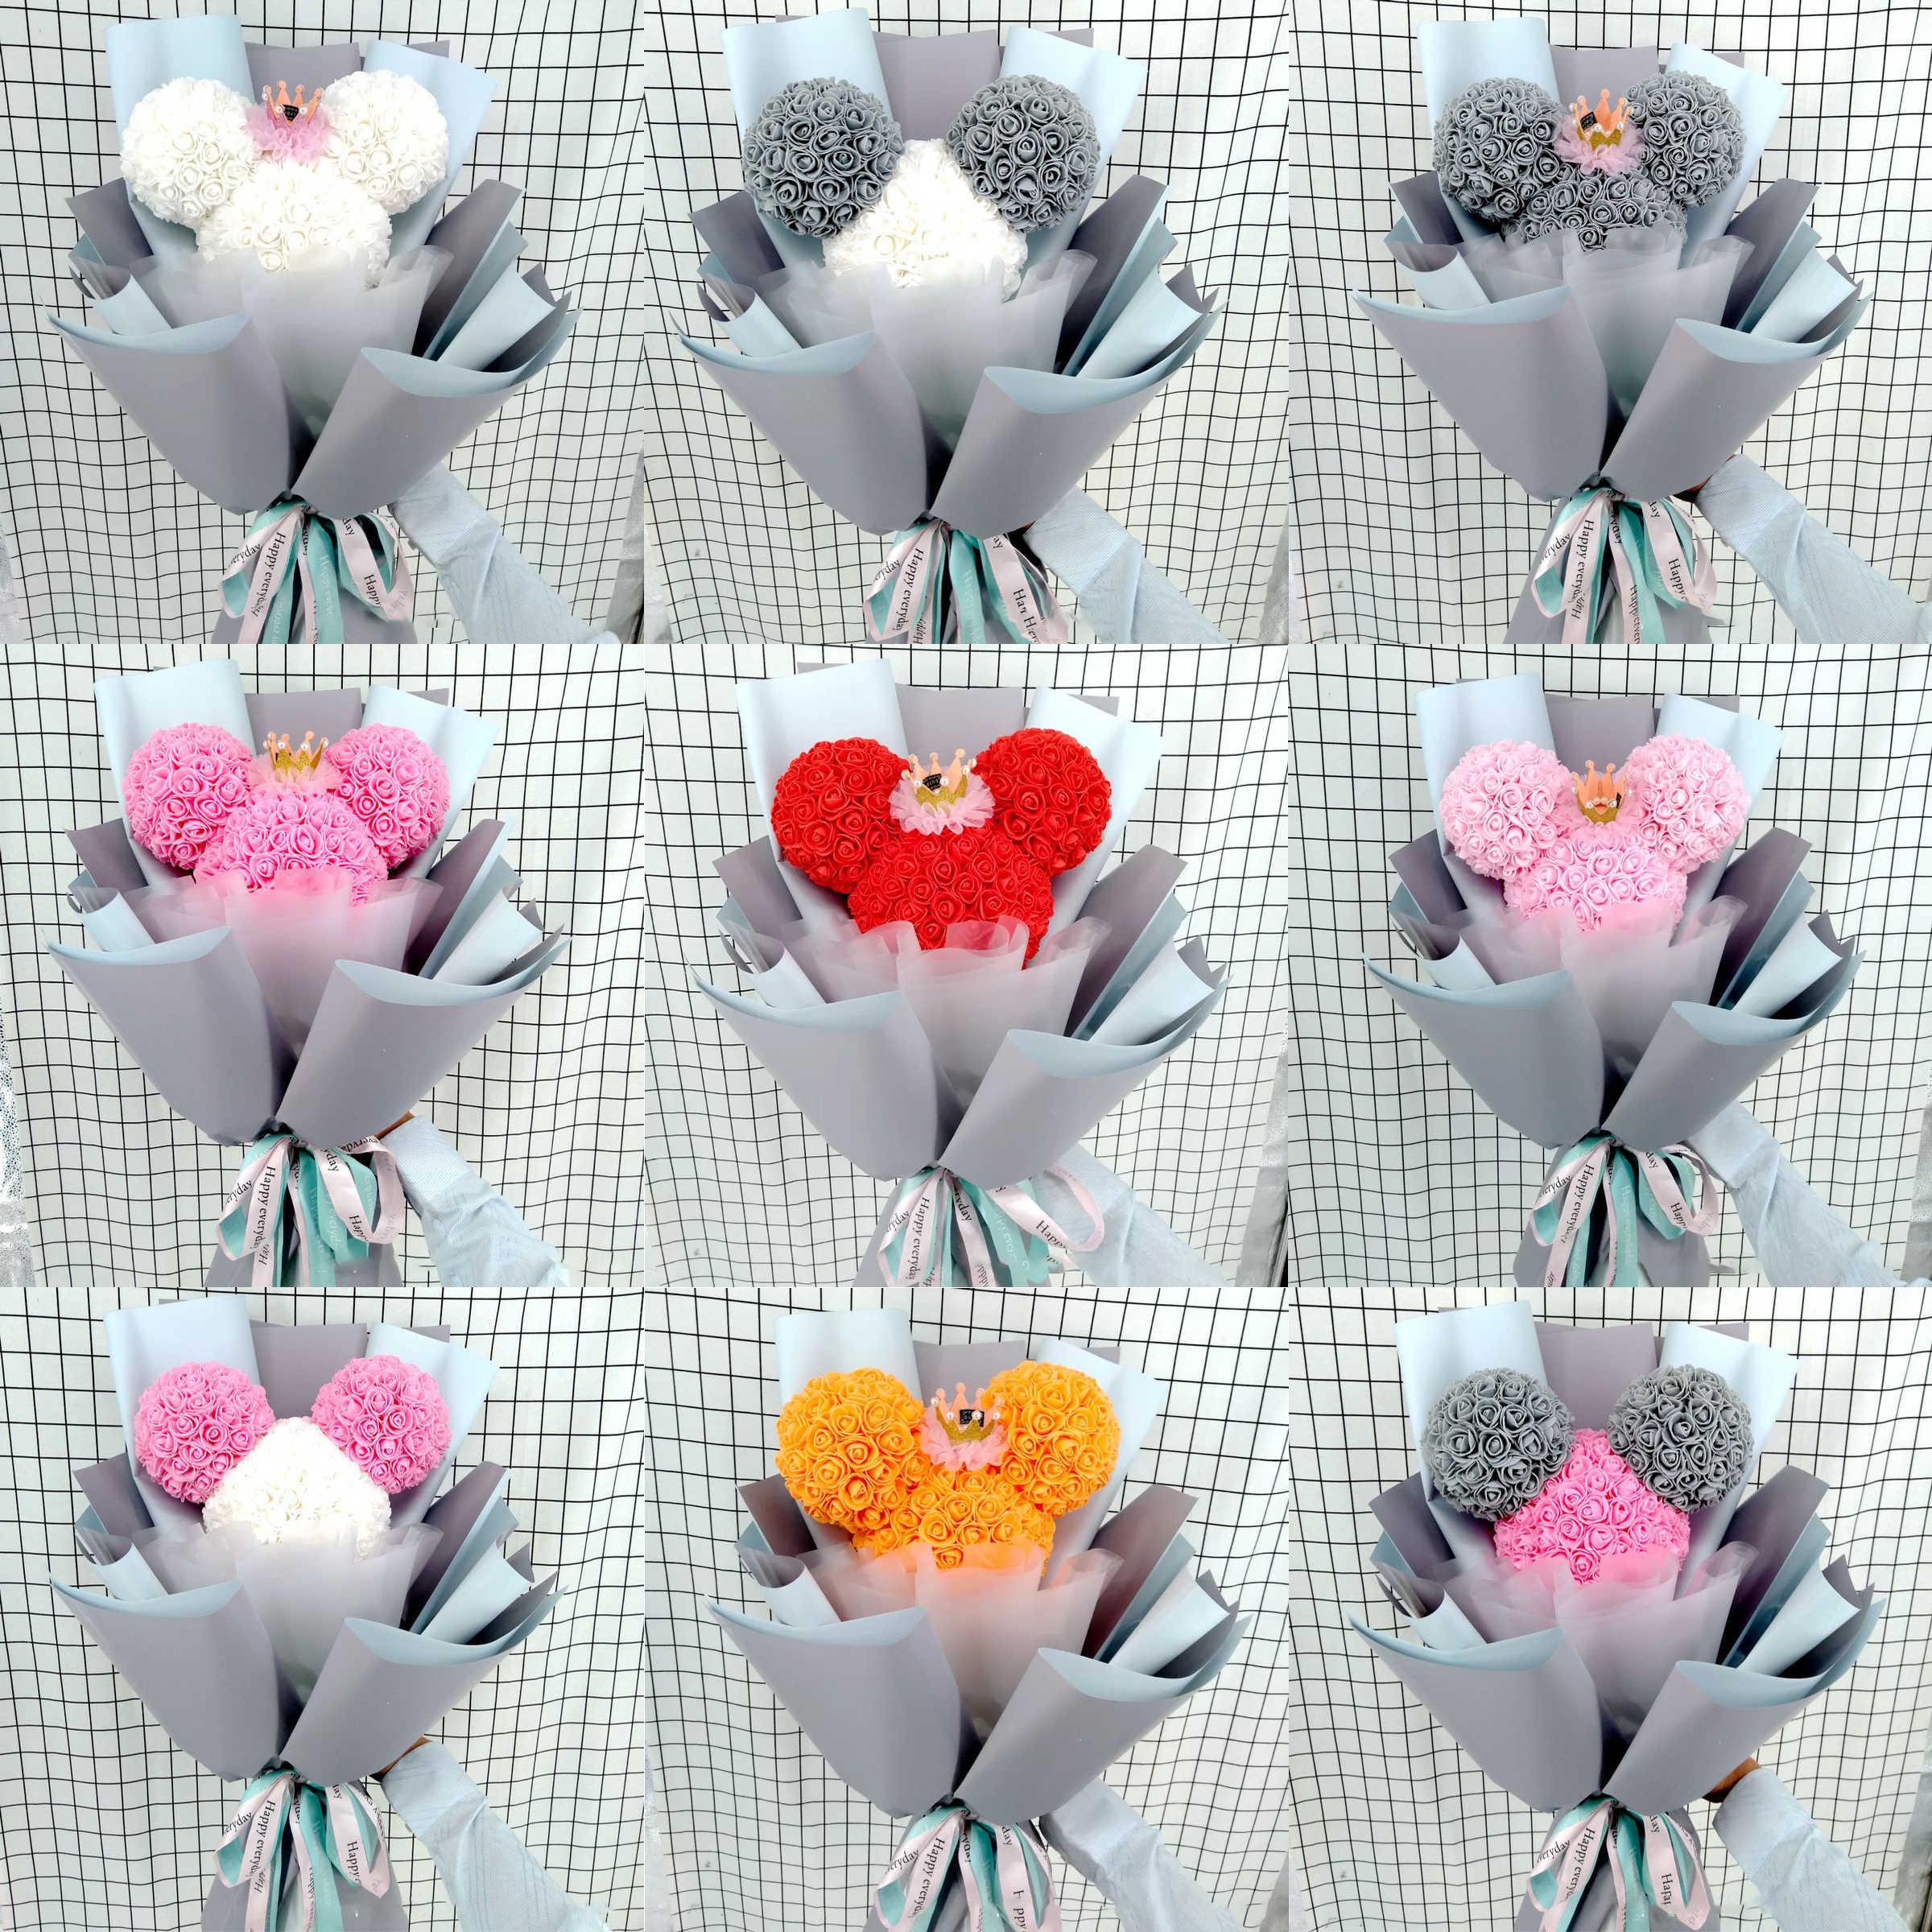 Décoration de mariage saint valentin cadeau polystyrène styromousse mousse blanc ours savon fleur Mickey tête pour bricolage décoration de fête